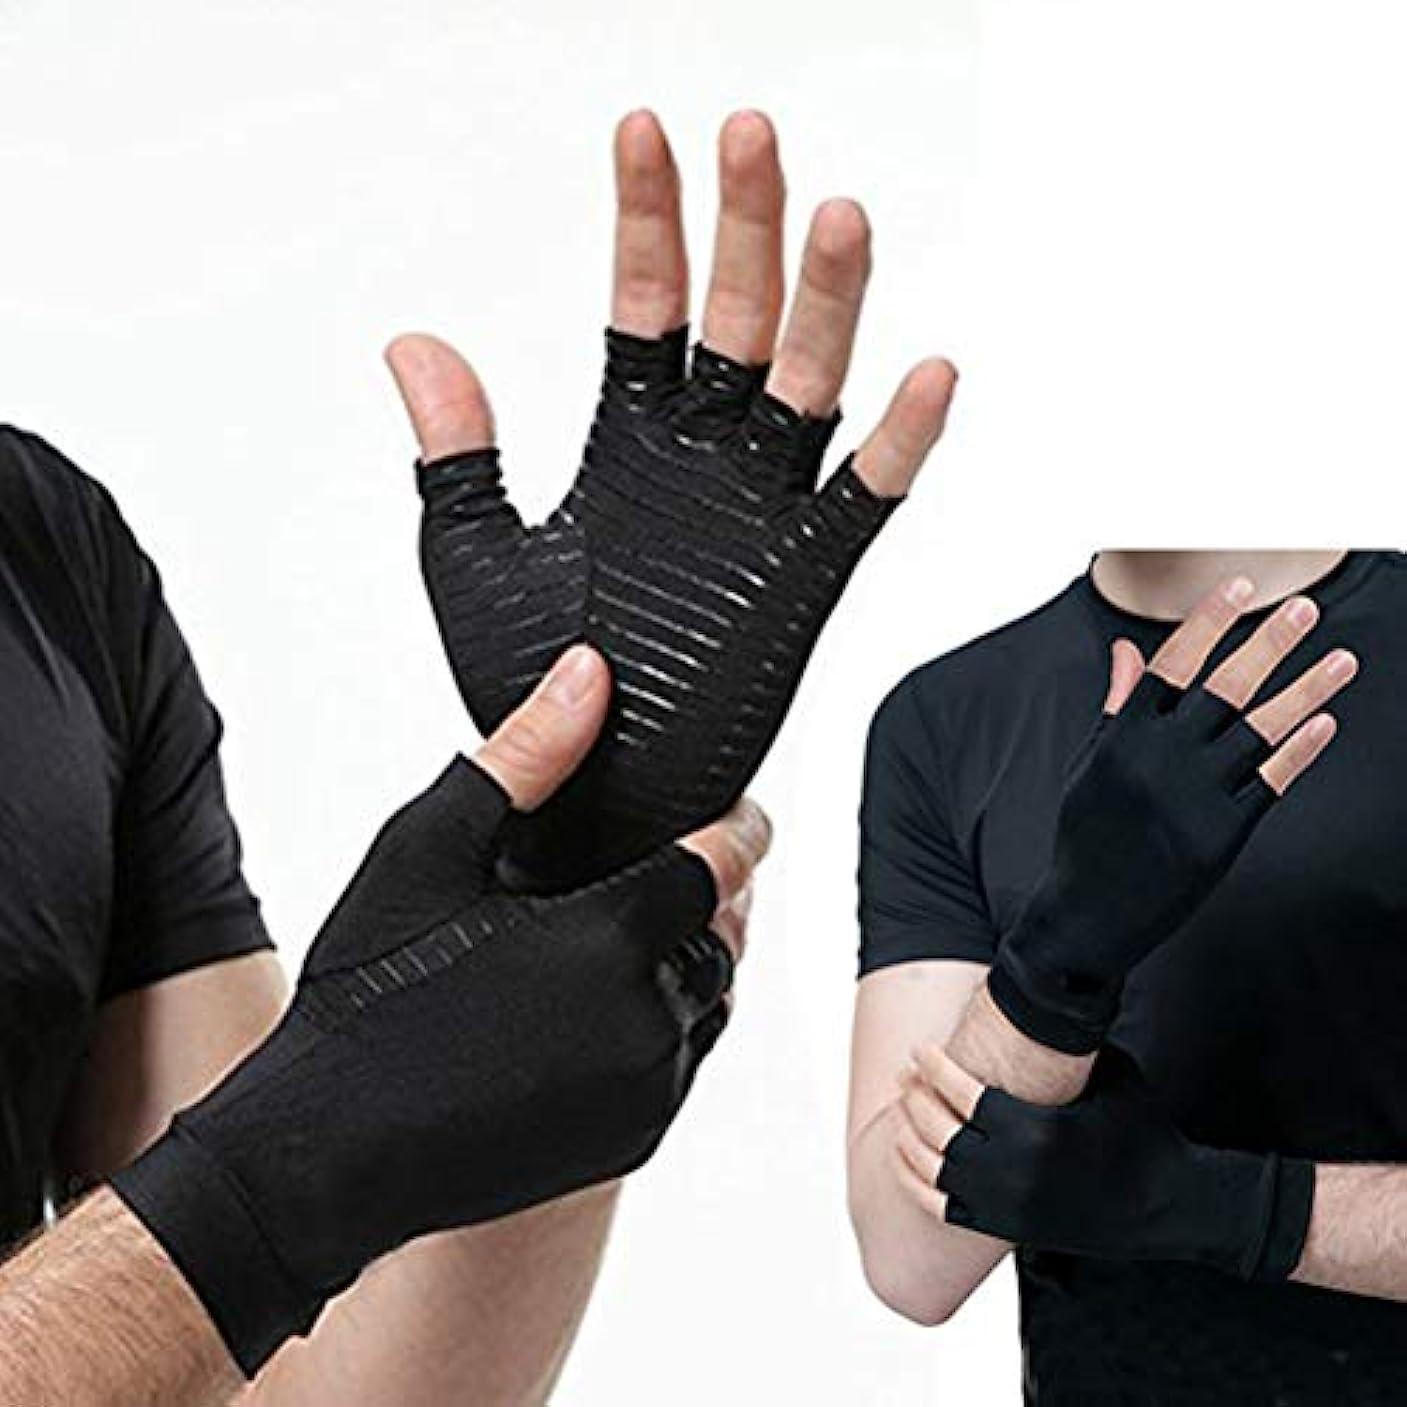 キュービックエンジン校長TAIPPAN 1ペア銅関節炎手袋銅圧縮関節炎手袋指なしスポーツ手袋医療用手袋